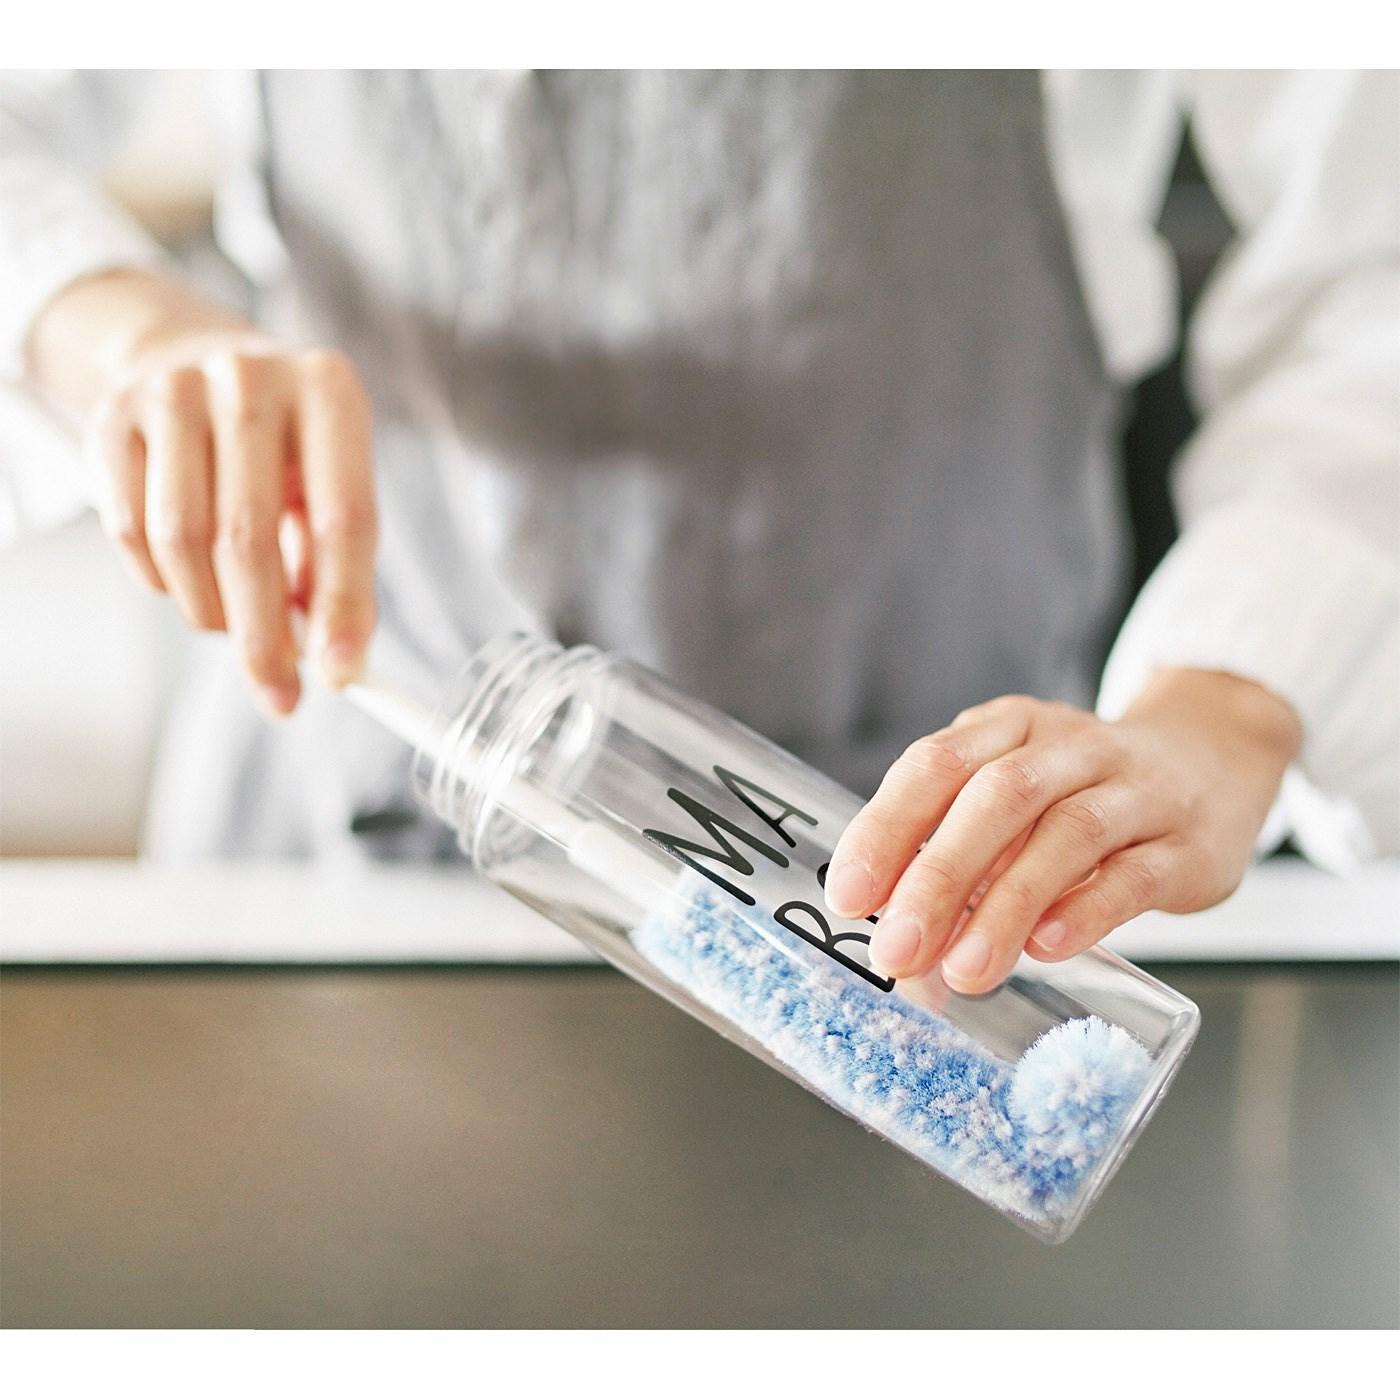 集めてさわやか 細い口にスッと入る ボトル洗いスリムブラシの会